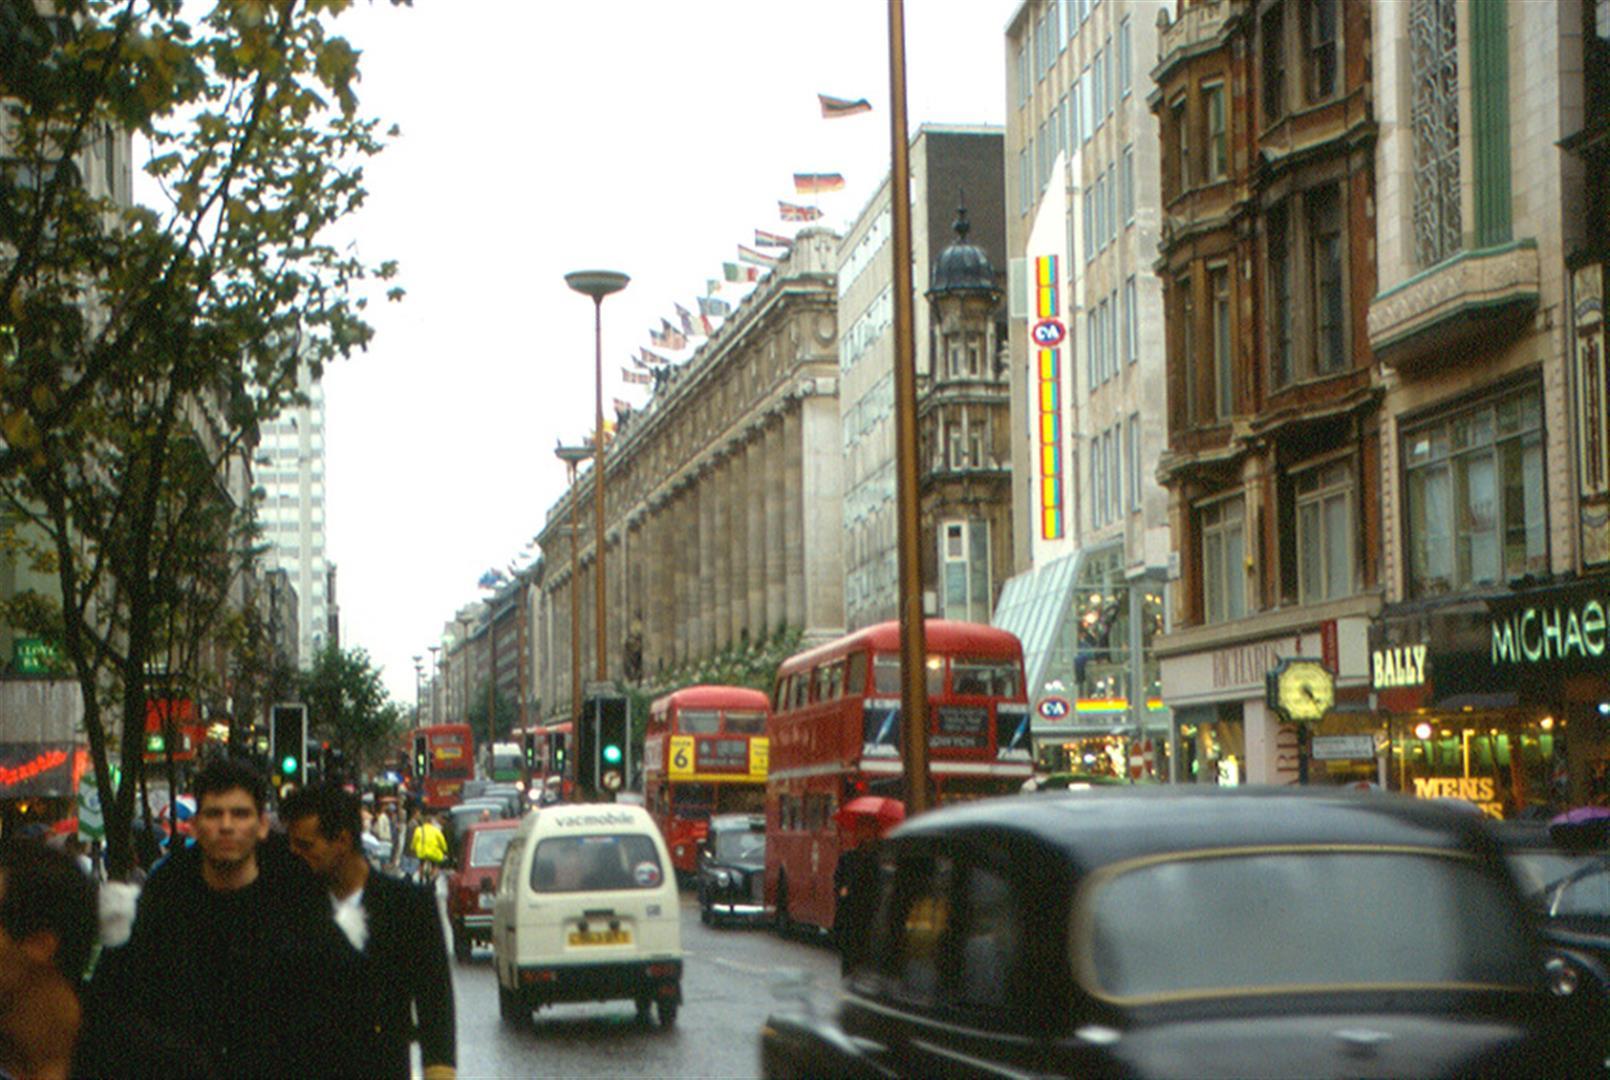 Londra'ya yerleşmek (6)